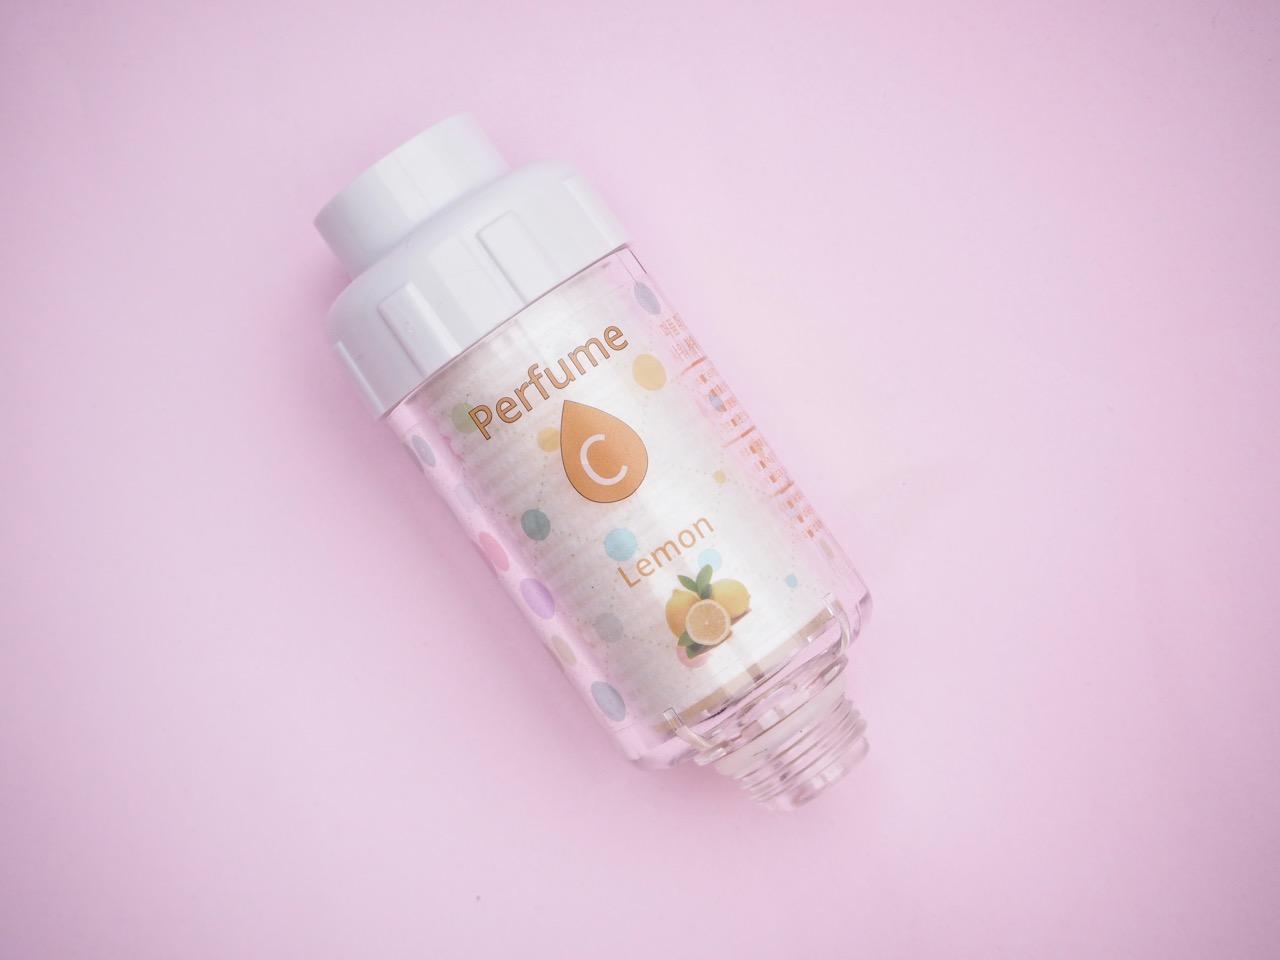 C-vitamiini suihkufiltteri kokemuksia Ostolakossa Virve Vee